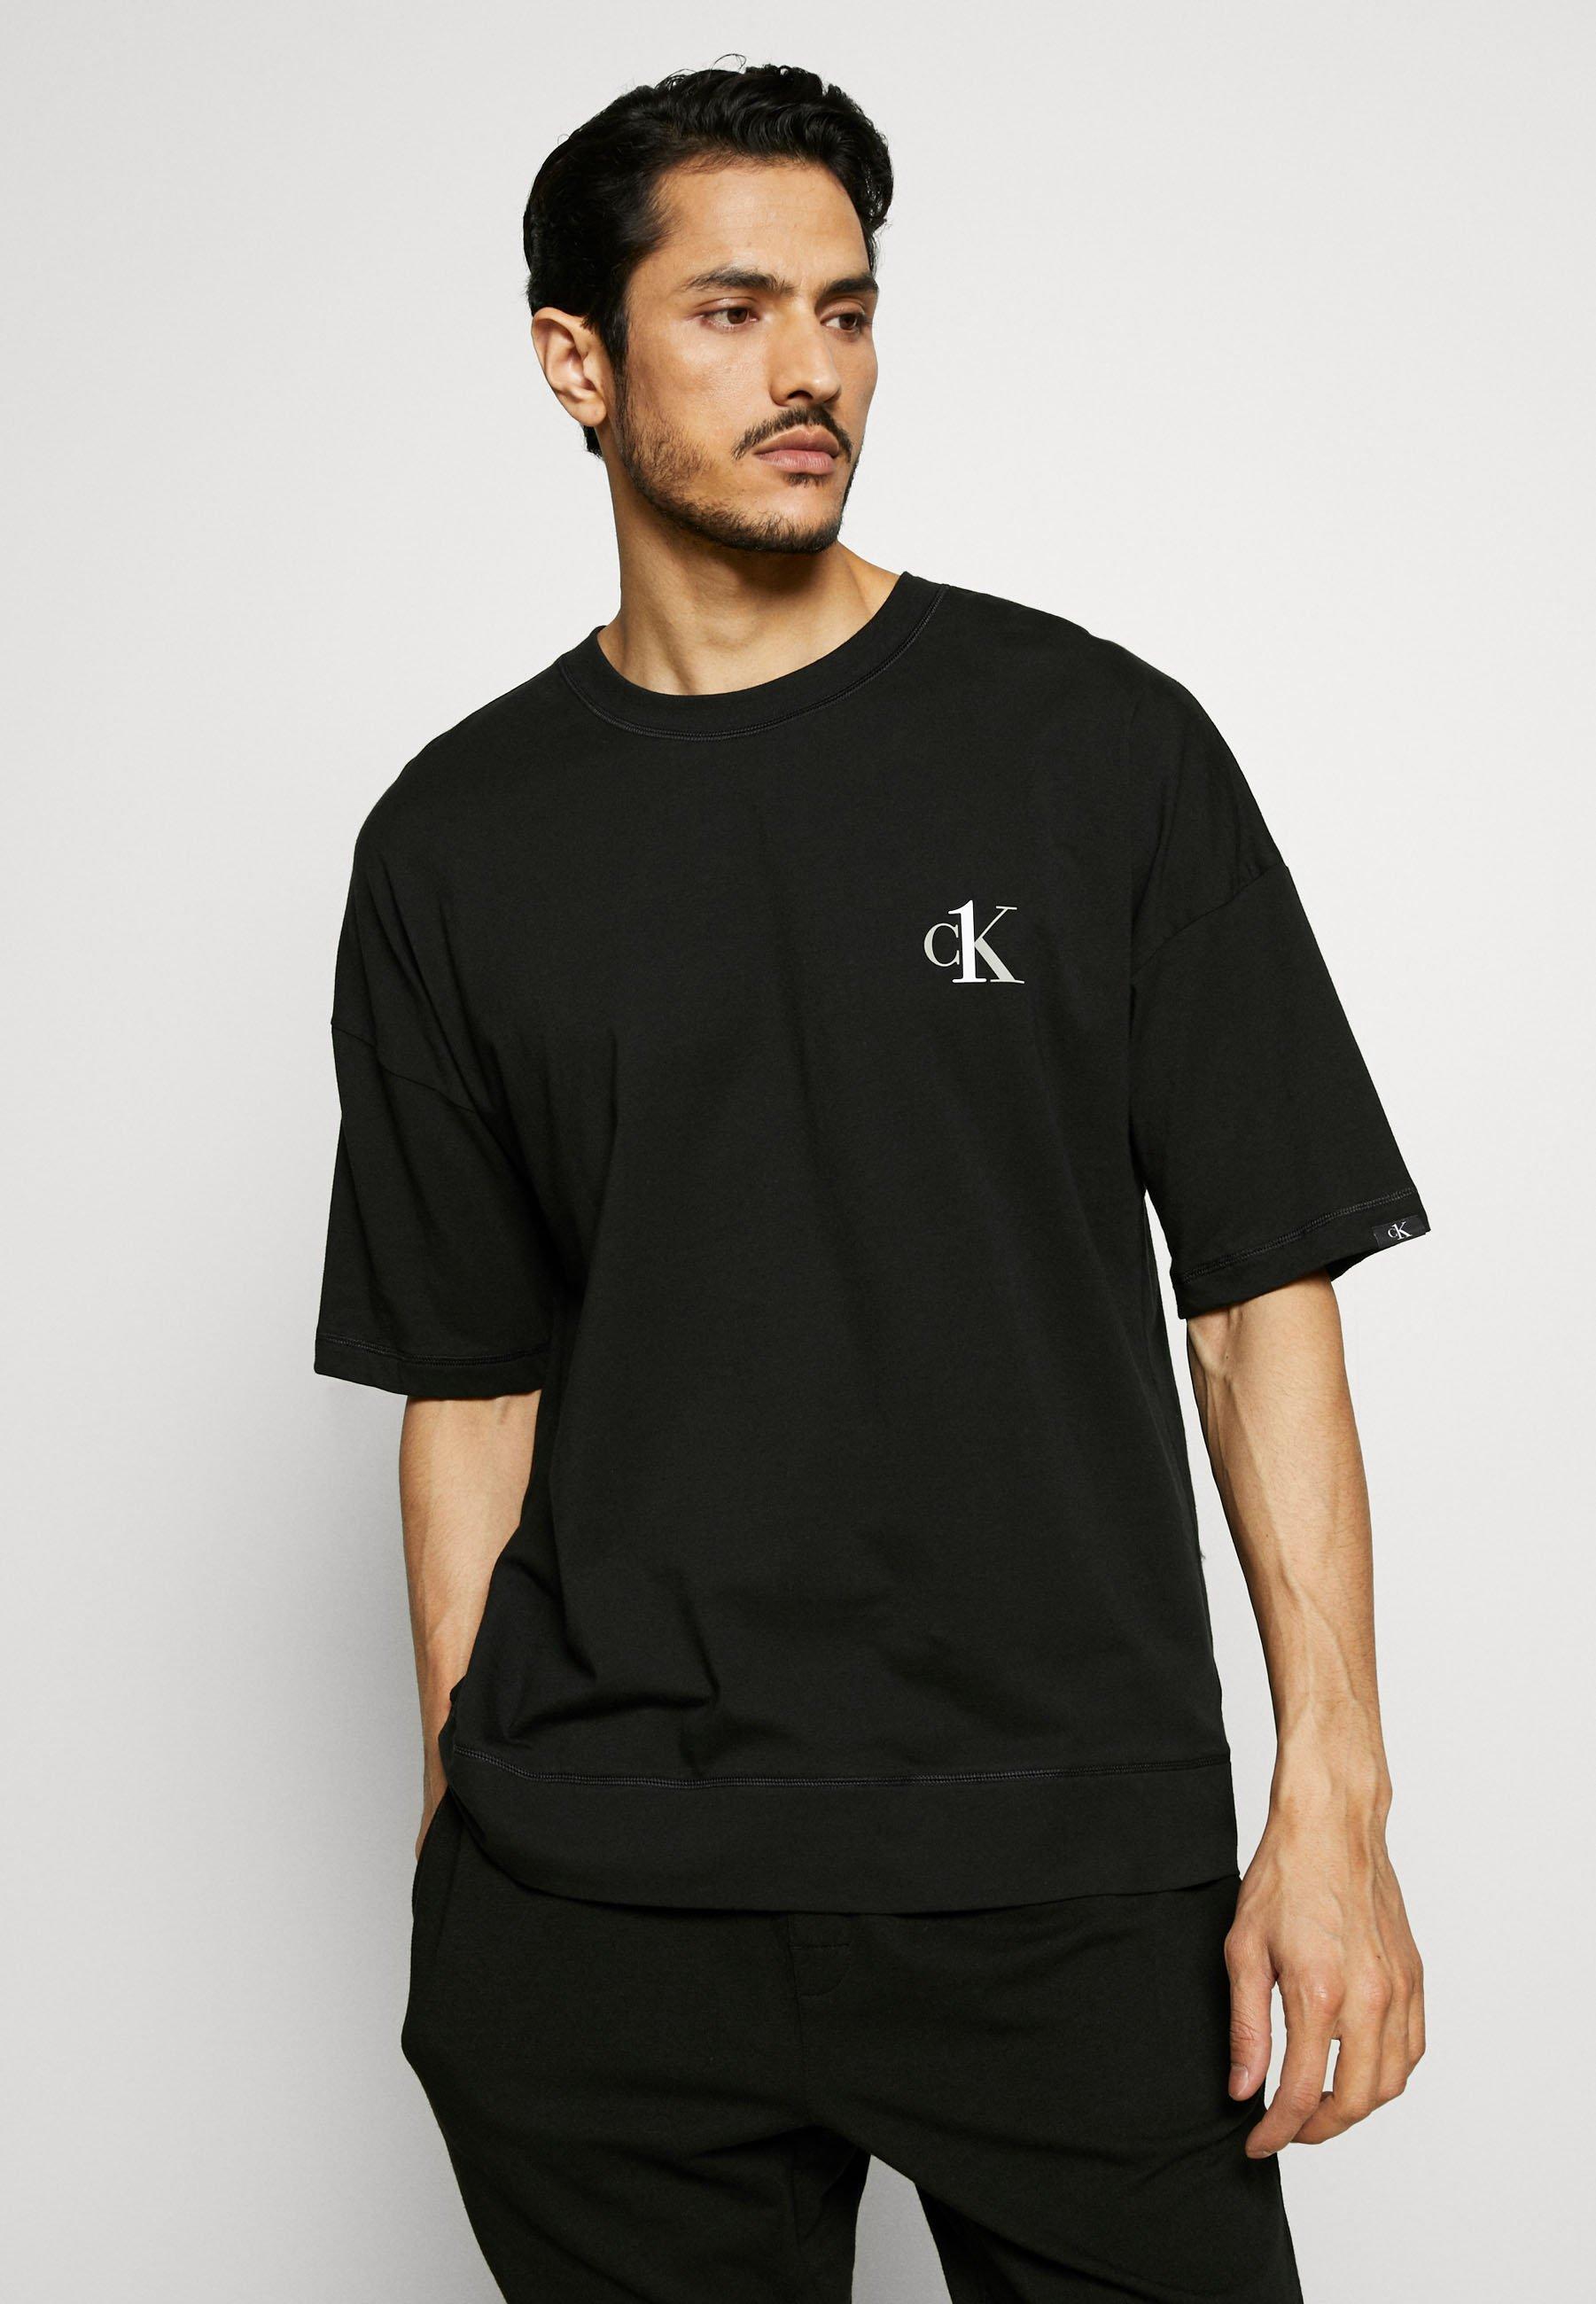 Herren ONE CREW NECK - Nachtwäsche Shirt